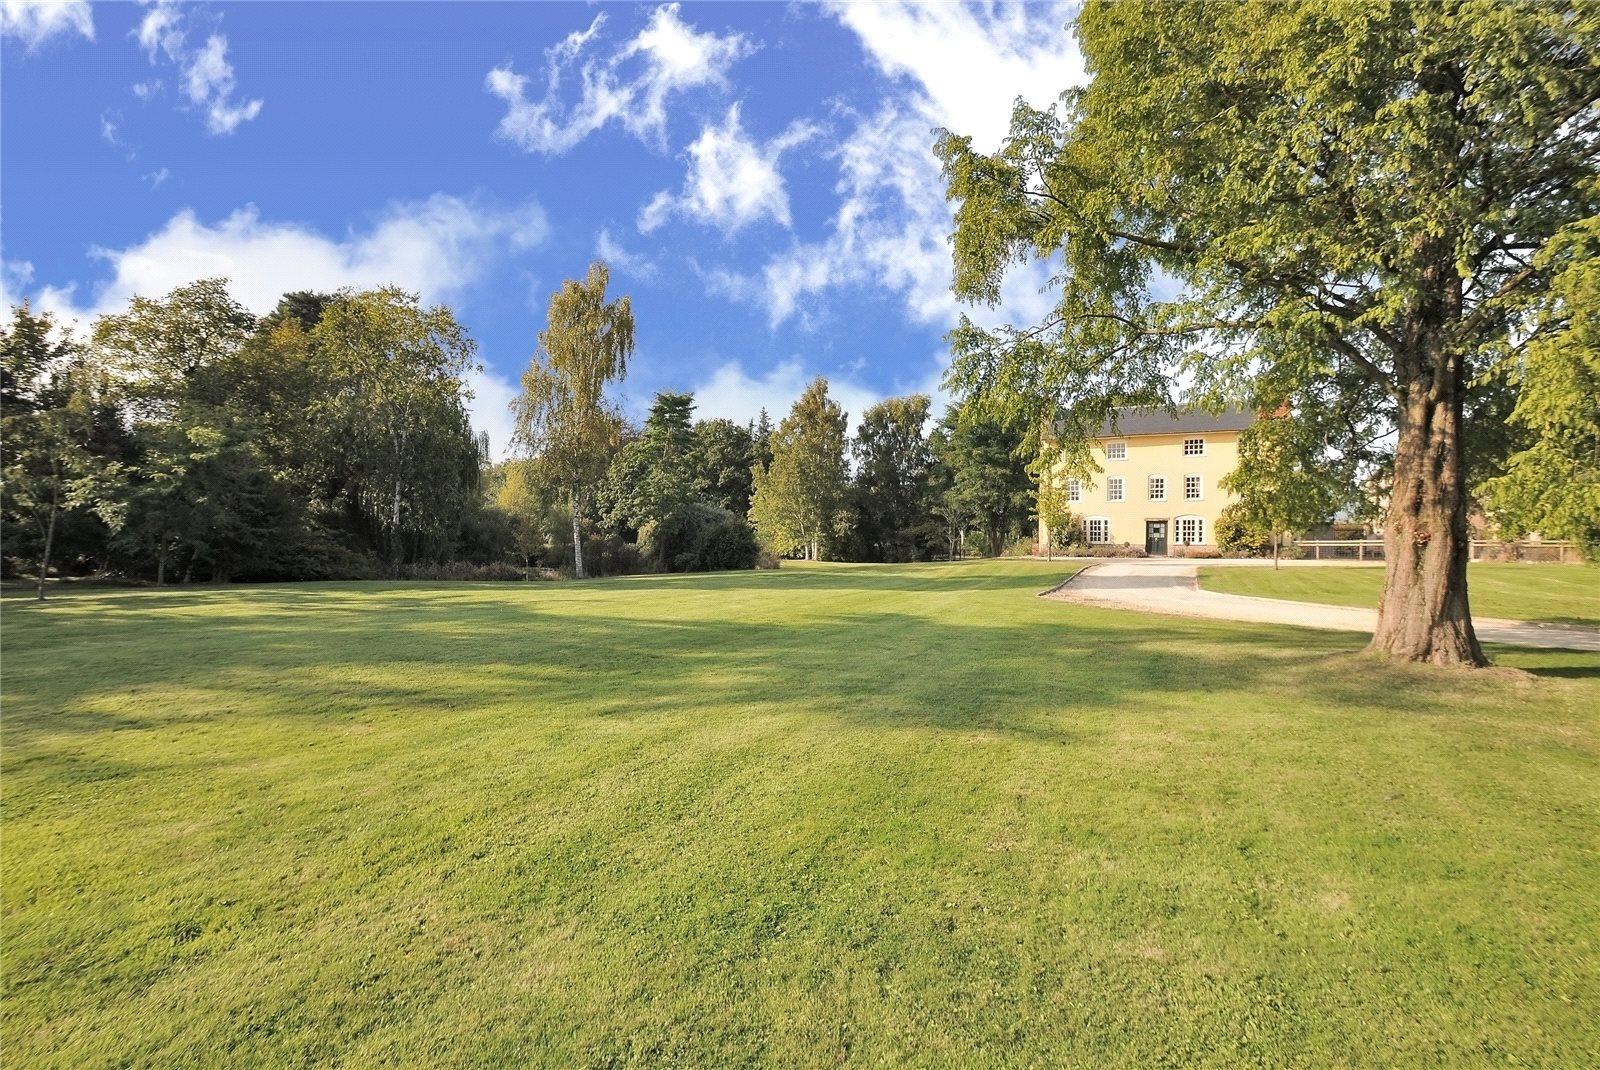 Maison unifamiliale pour l Vente à Eardisland, Leominster, Herefordshire, HR6 Wales